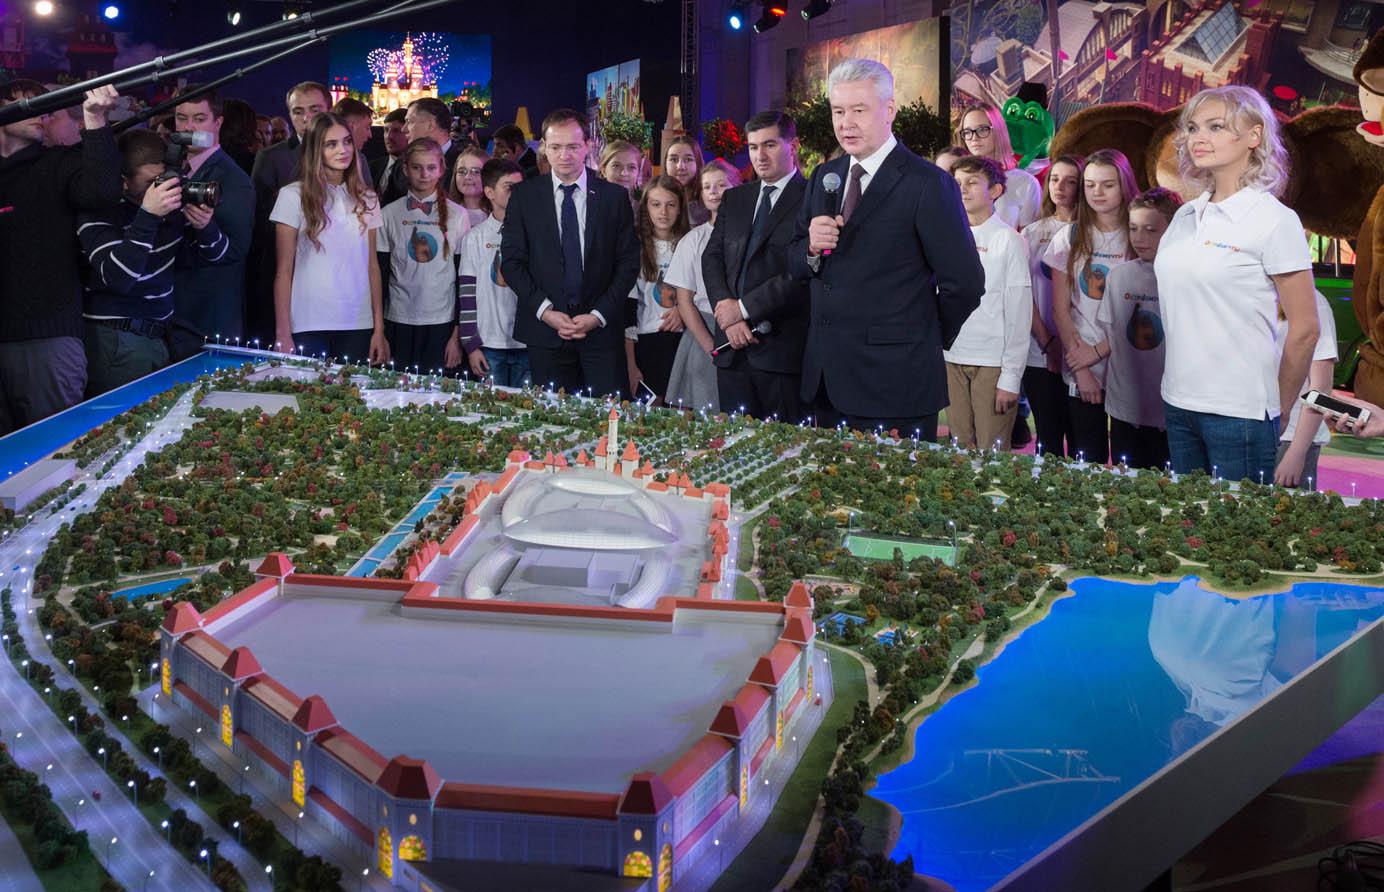 Остров мечты 2018: Диснейленд в Москве, строительство детского парка развлечений